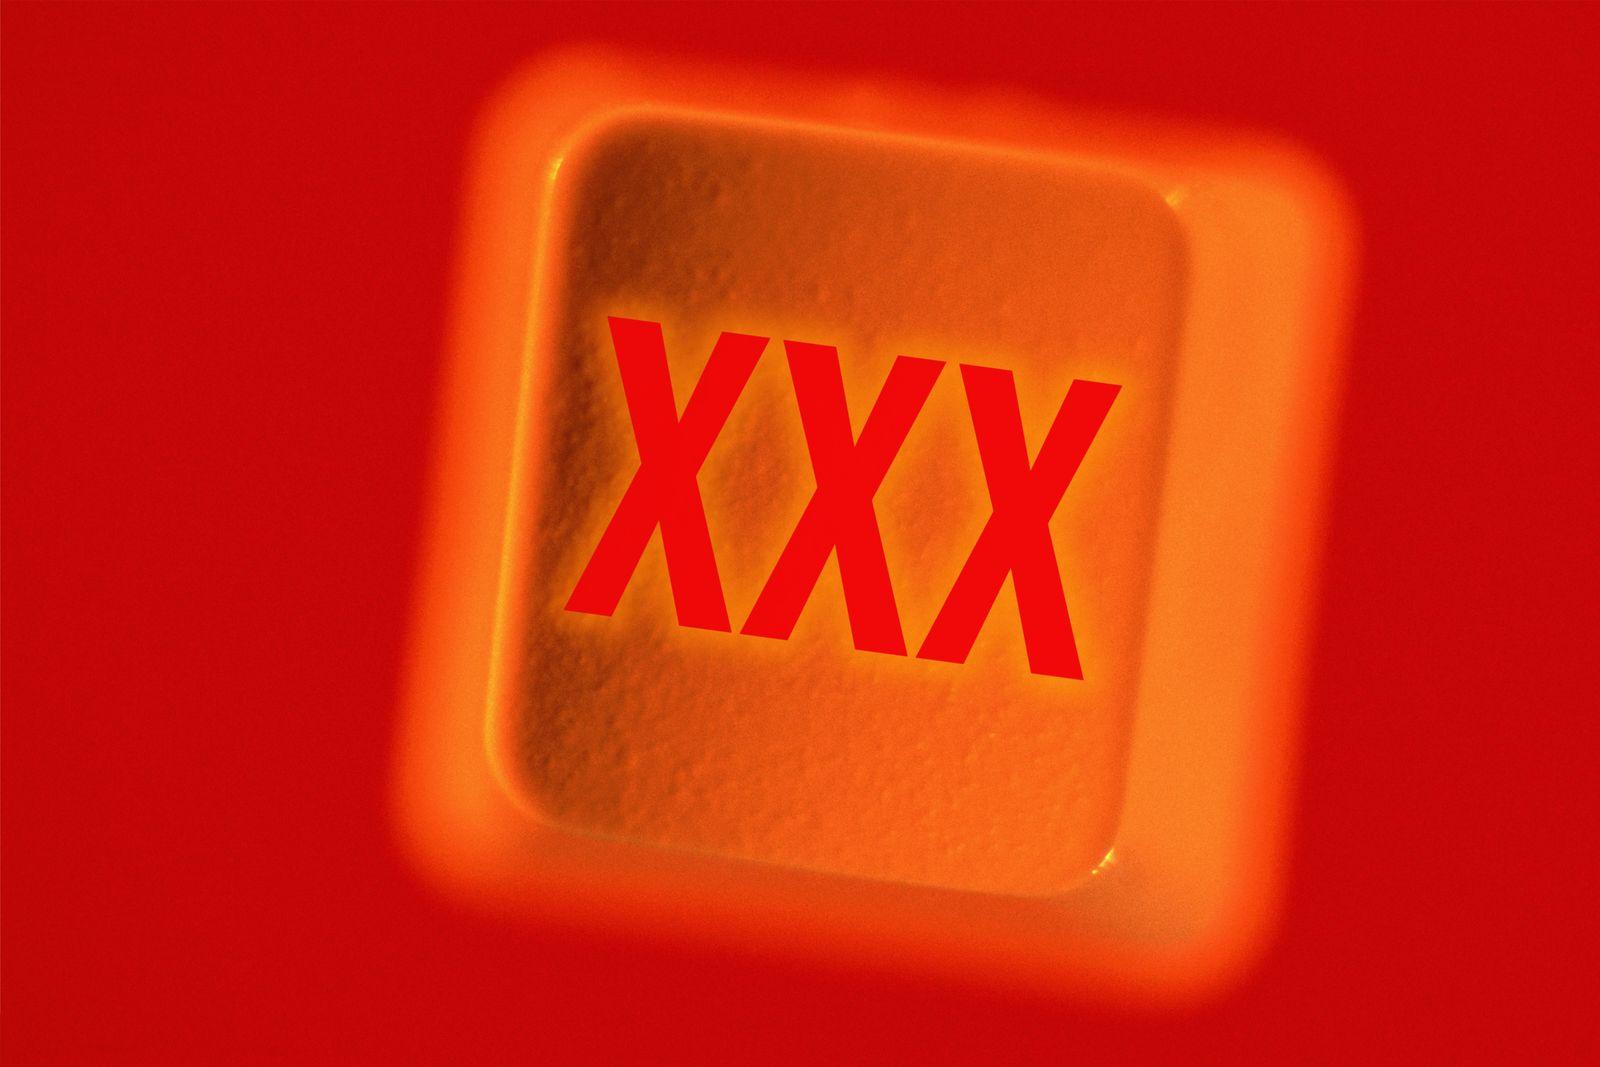 NICHT MEHR VERWENDEN! - Symbolbild Porno im Internet / XXX